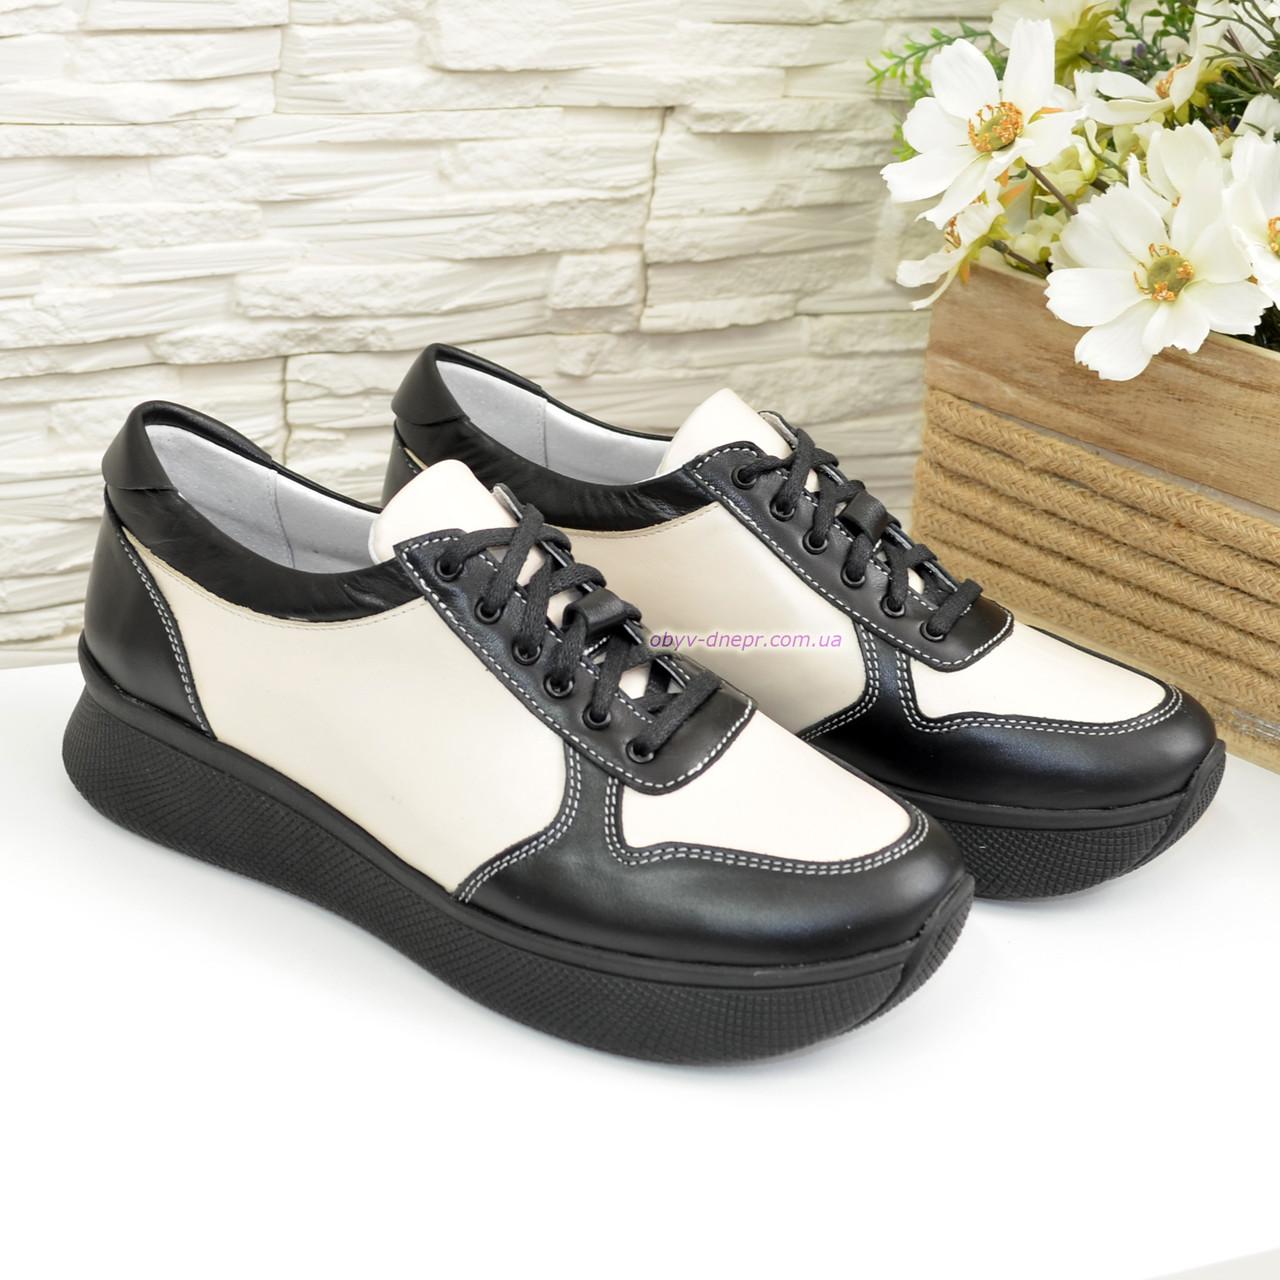 Стильные женские туфли-кроссовки на шнуровке, цвет черный/бежевый